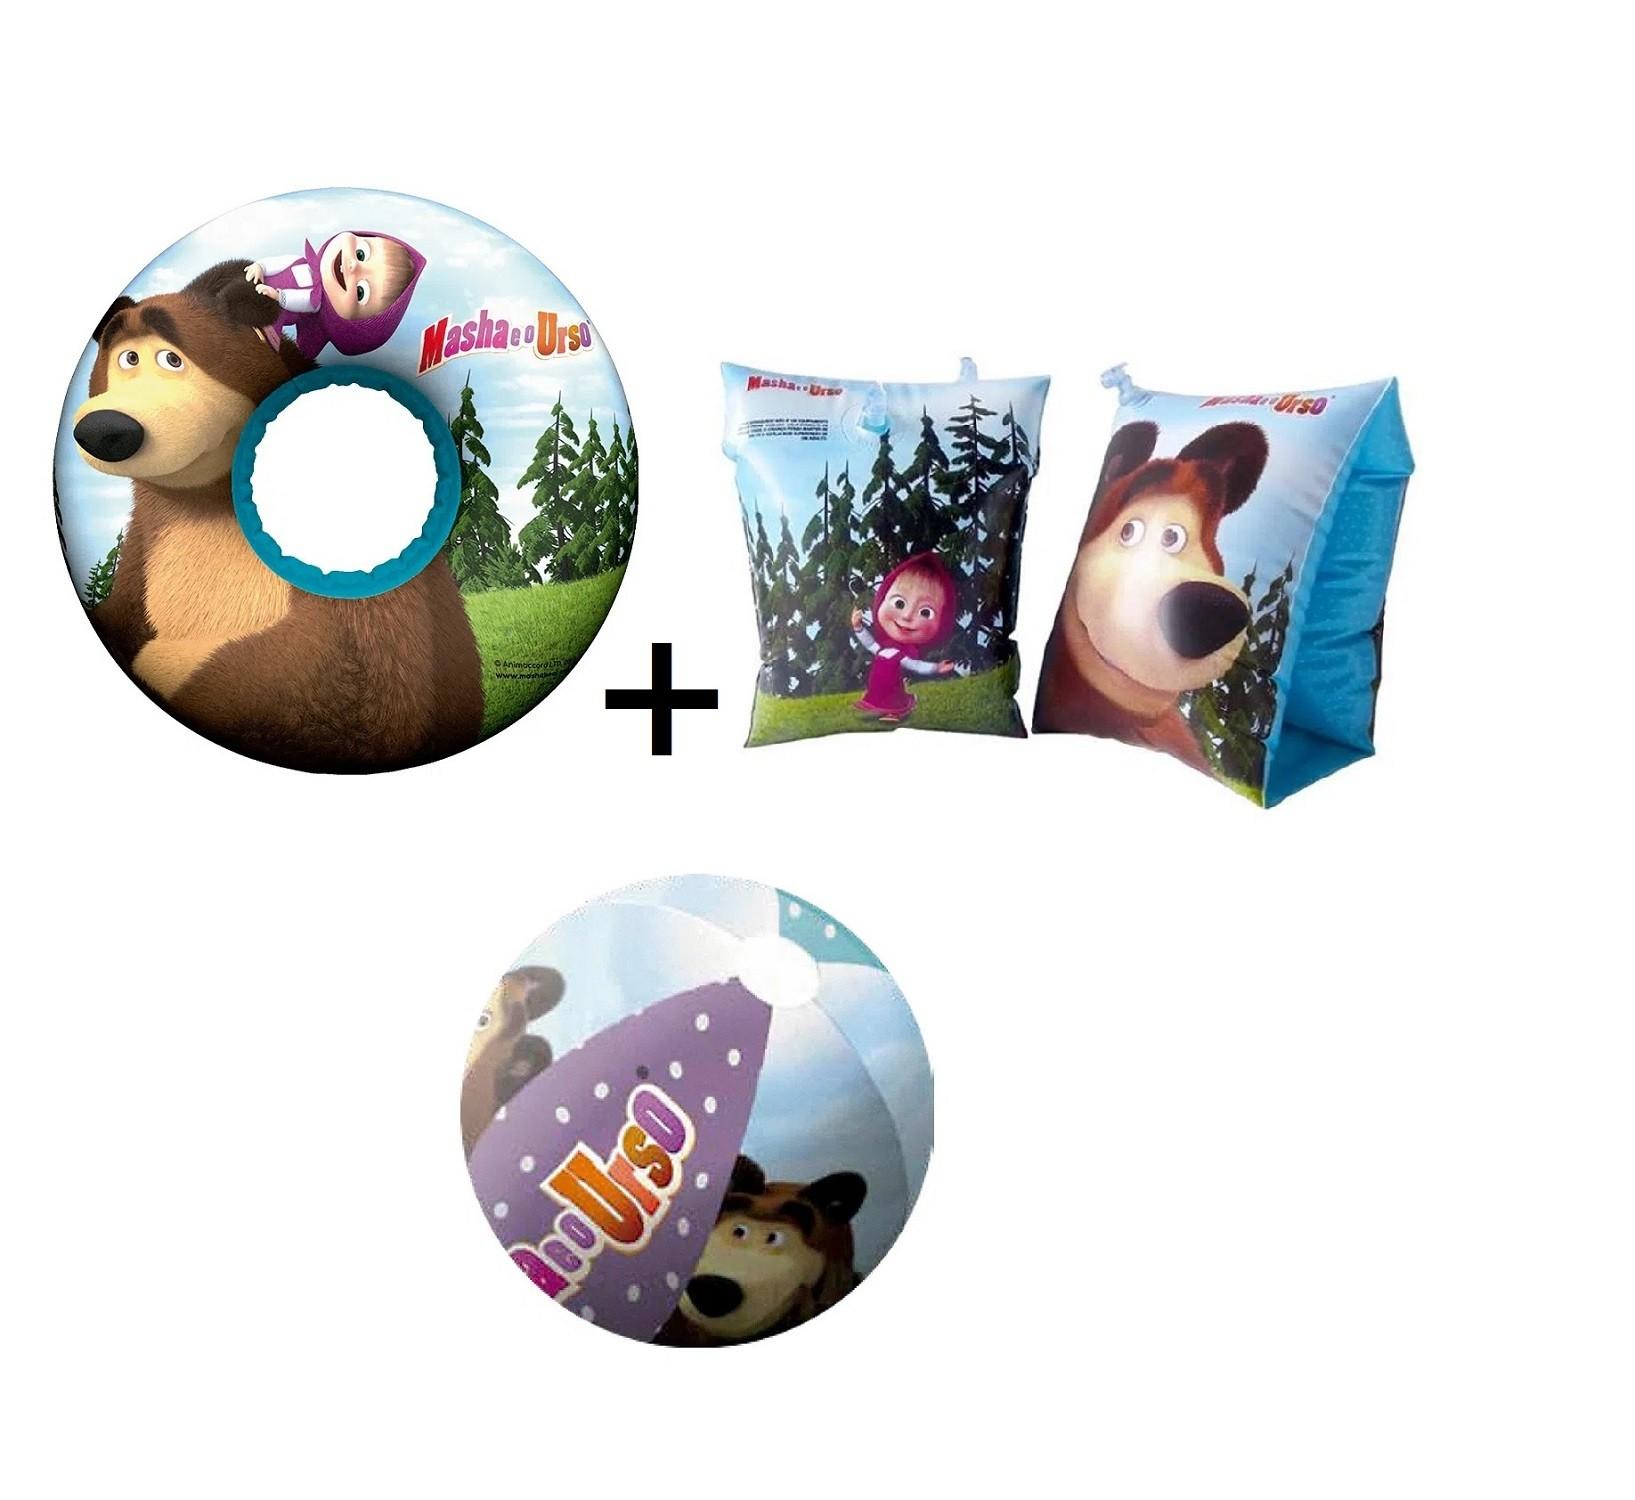 Boia inflável redonda + boia de braço + Bola Masha e o Urso praia piscina Multikids  - Mix Eletro